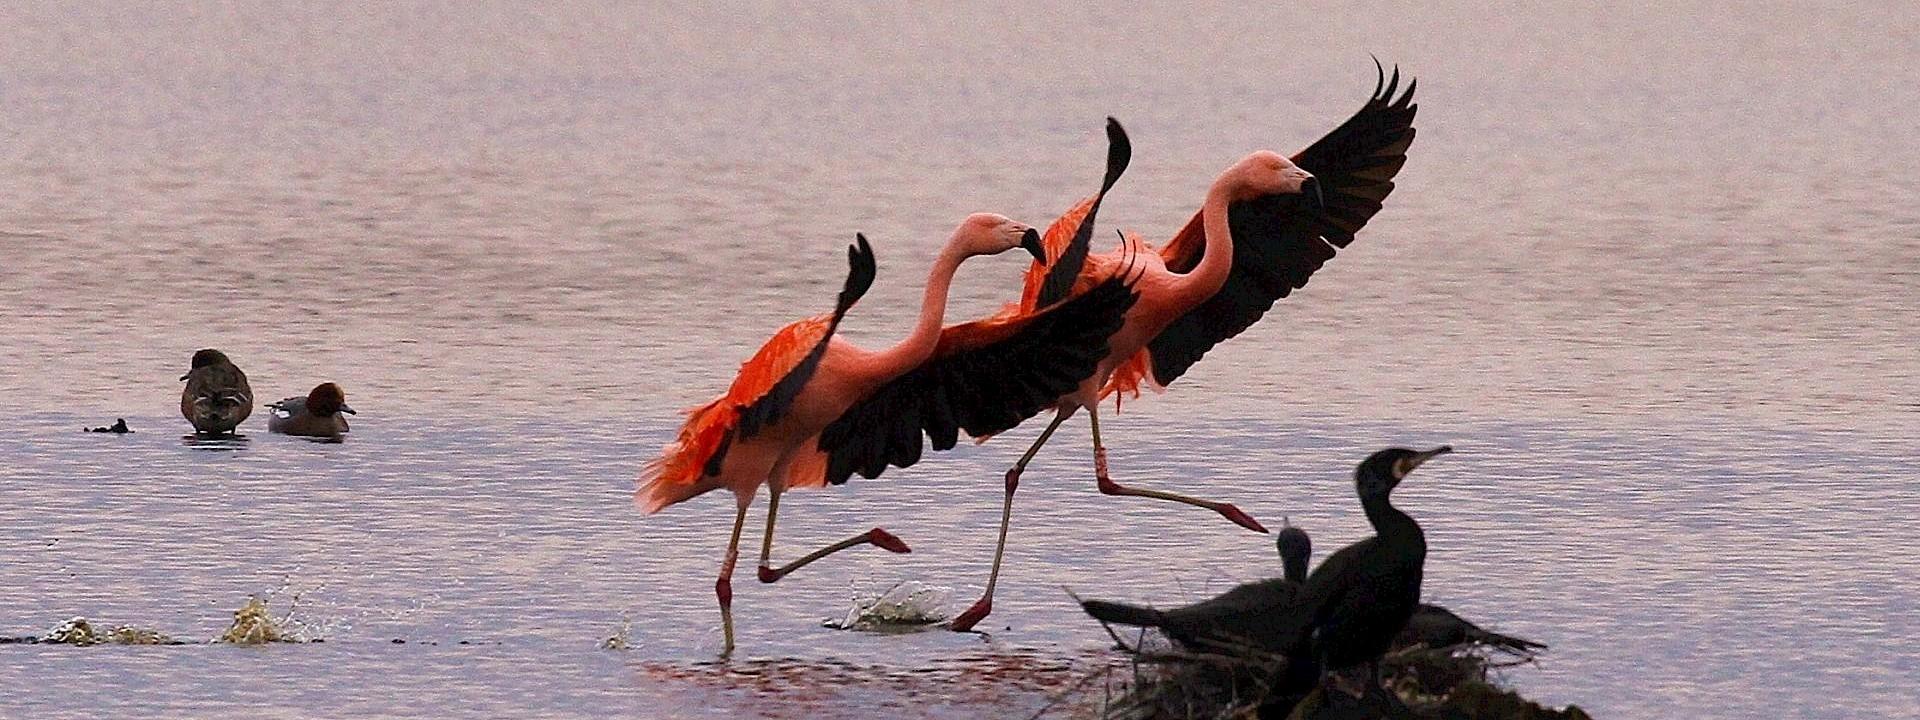 Radreise Flamingoroute Legdener Dahlien mit Flamingos vis-a-vis 4 Tage | ab 182 Euro